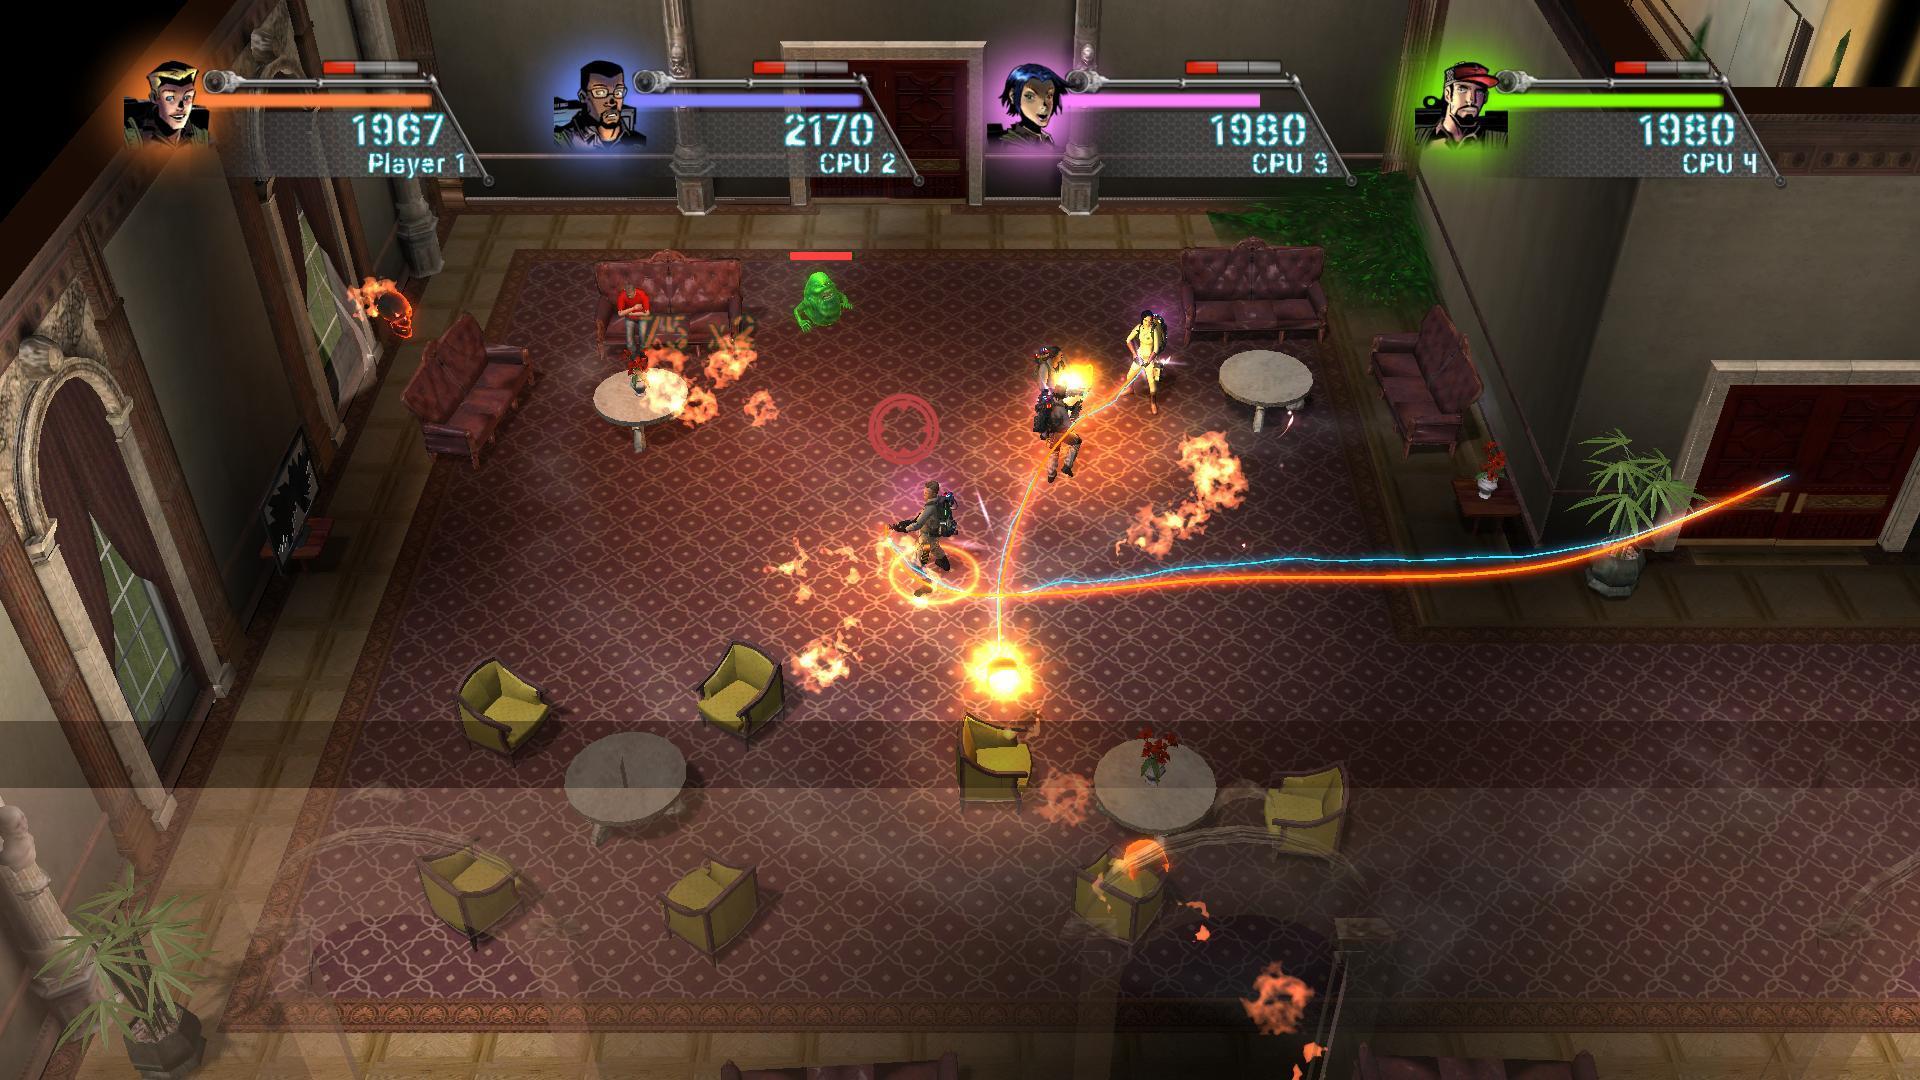 Ghostbusters; Sanctum of Slime llega a Xbox One gracias a la retrocompatibilidad